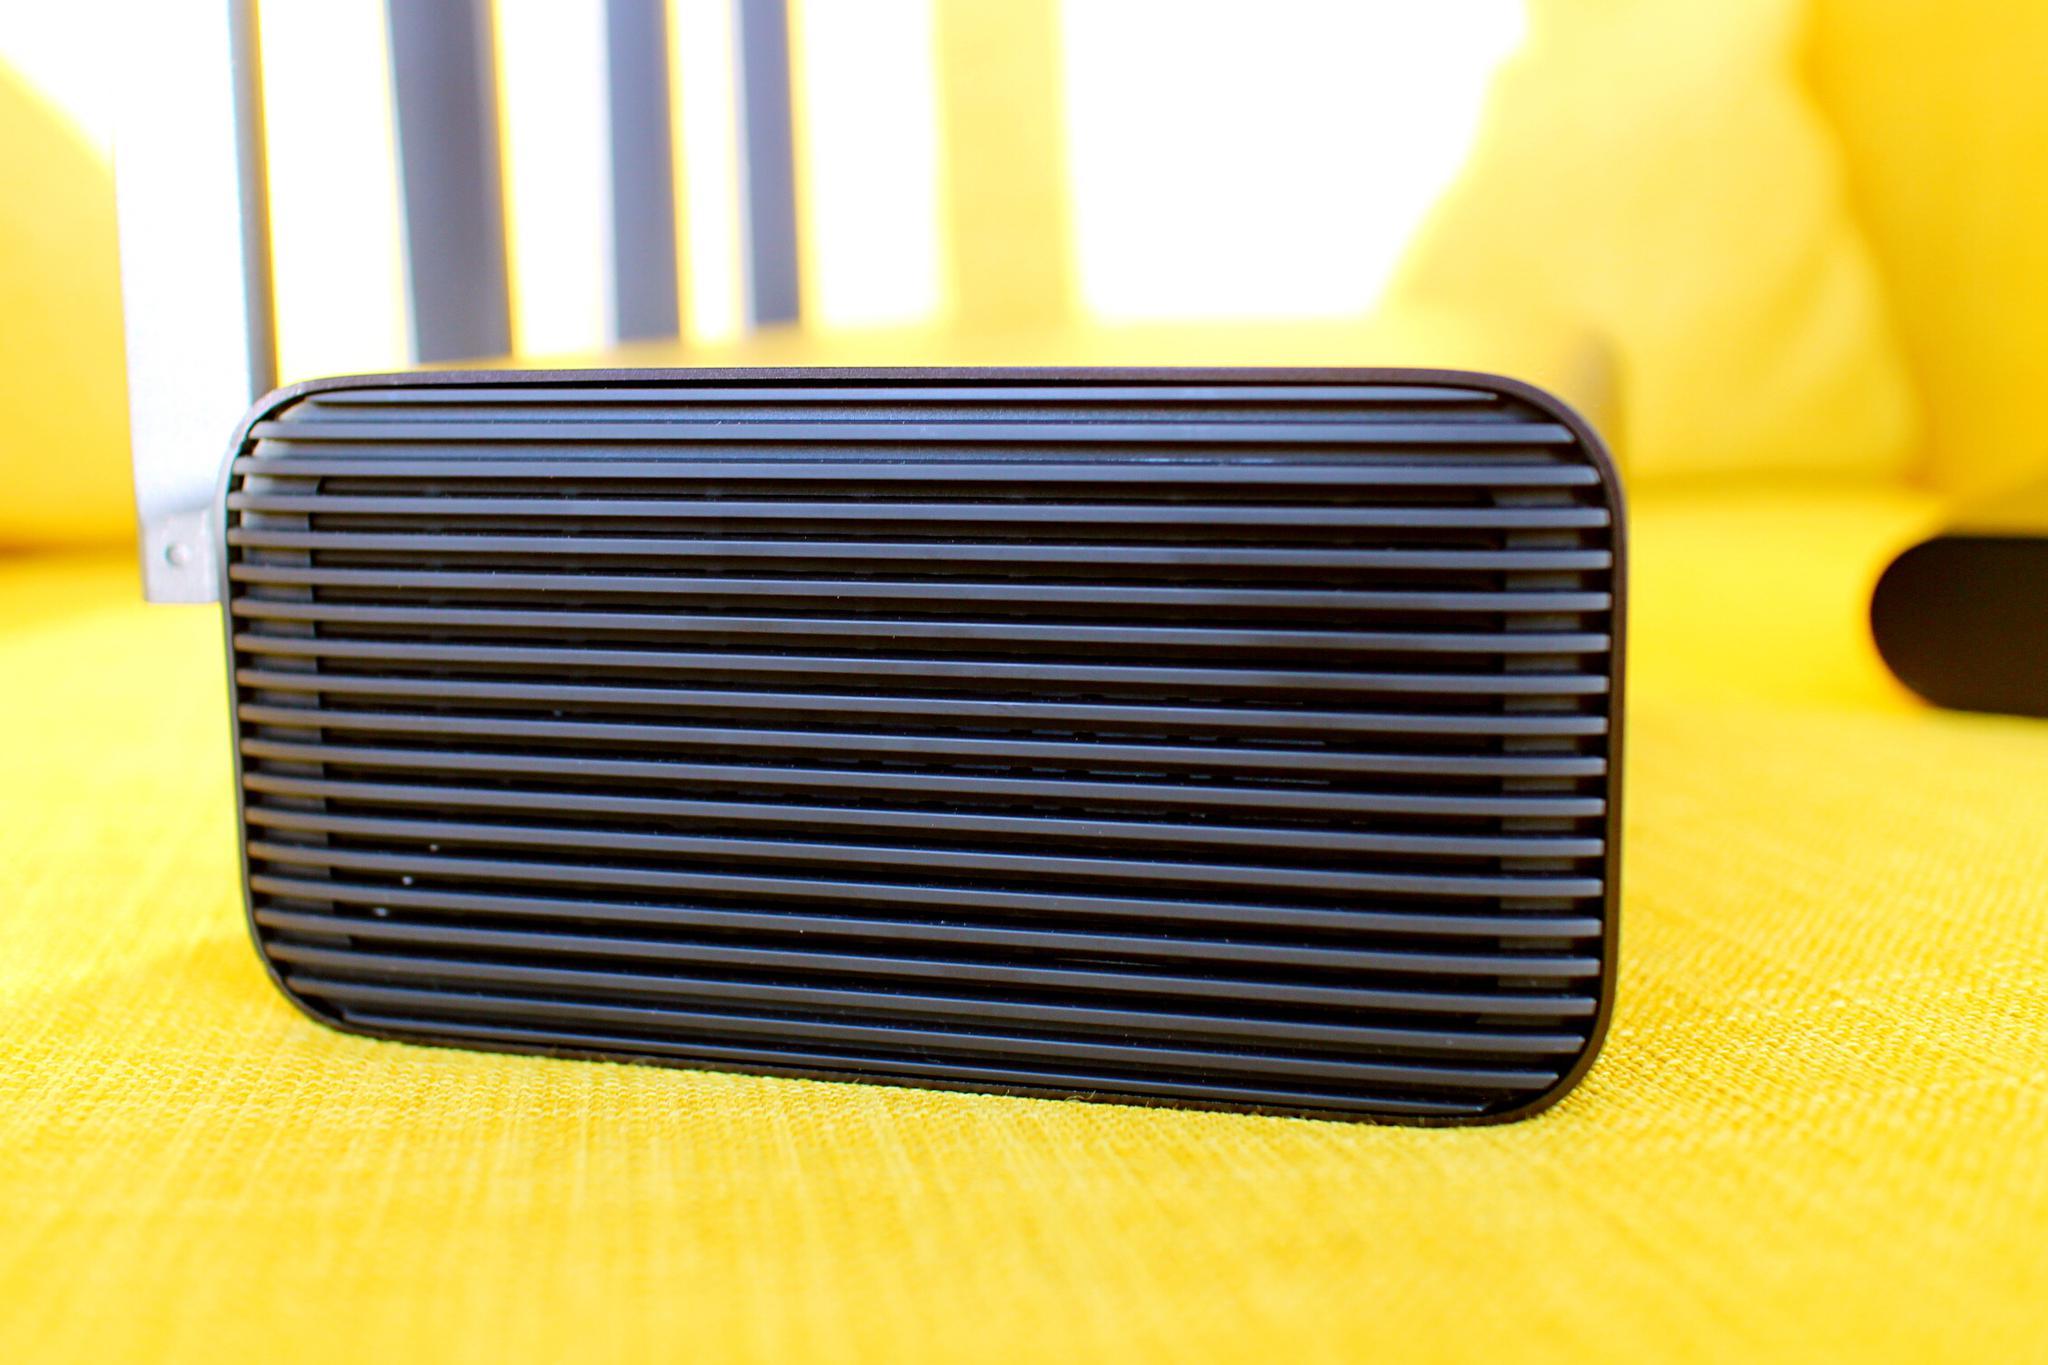 小米路由器HD側面散熱柵欄